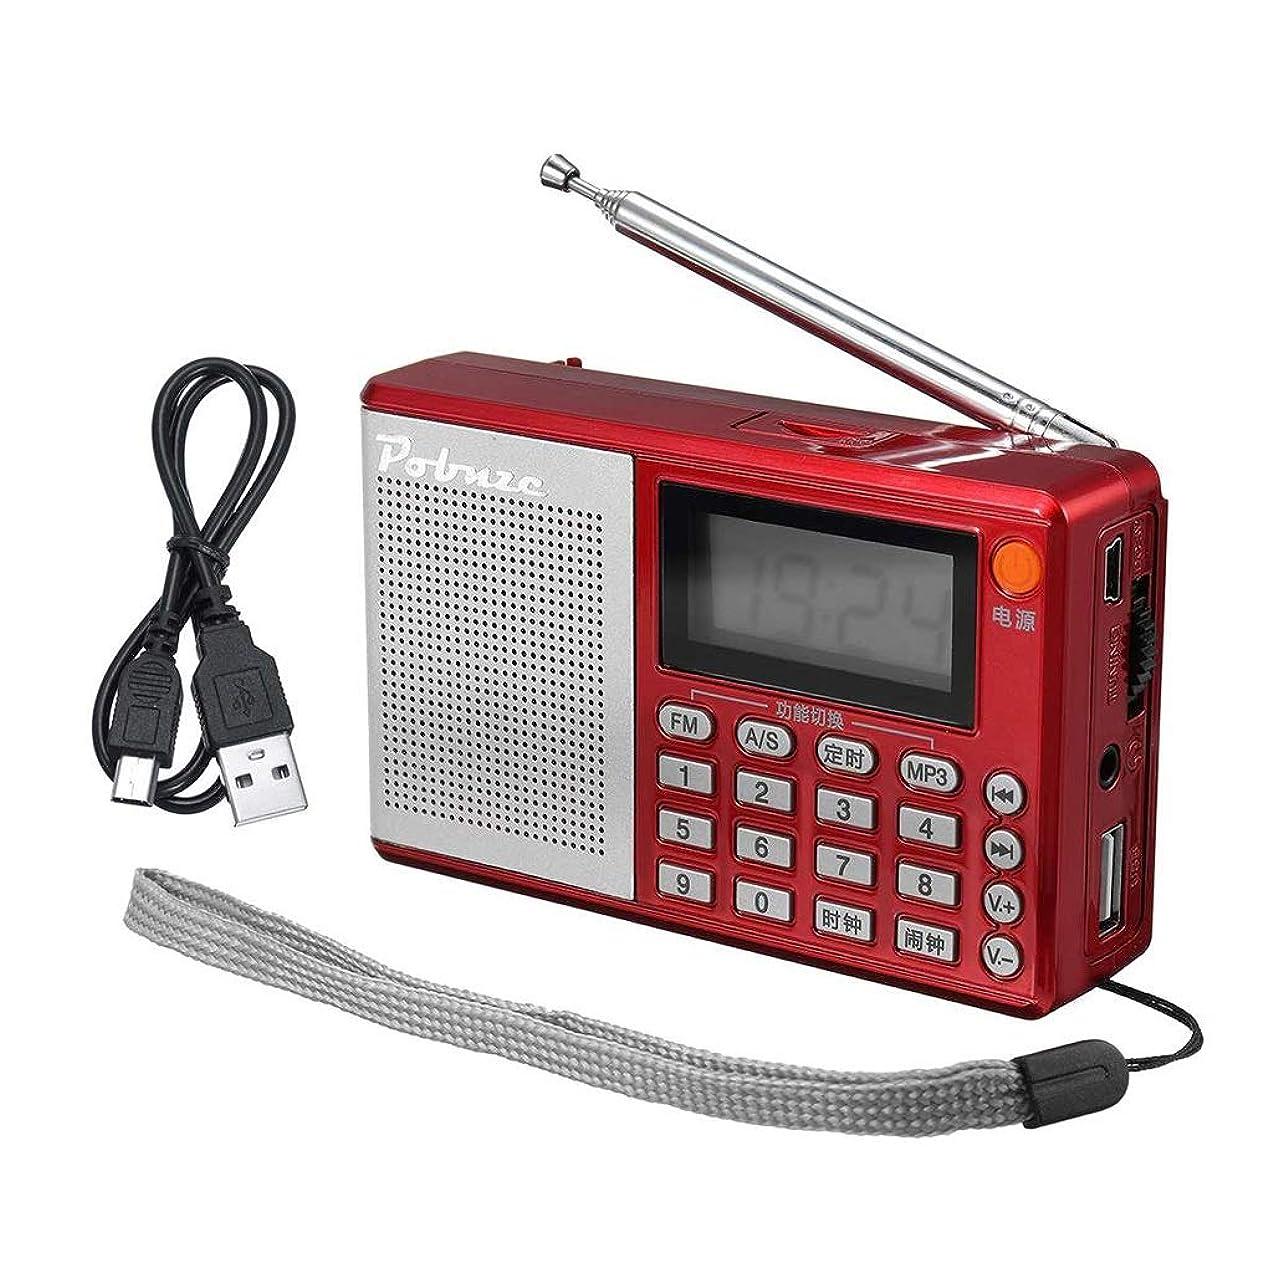 バイオリニスト学校の先生確認ポータブルポケットラジオFM AM SWスピーカーデジタルMP3プレーヤーUSBクロックアラームLEDディスプレイ (Color : Red, サイズ : 10.5cm)